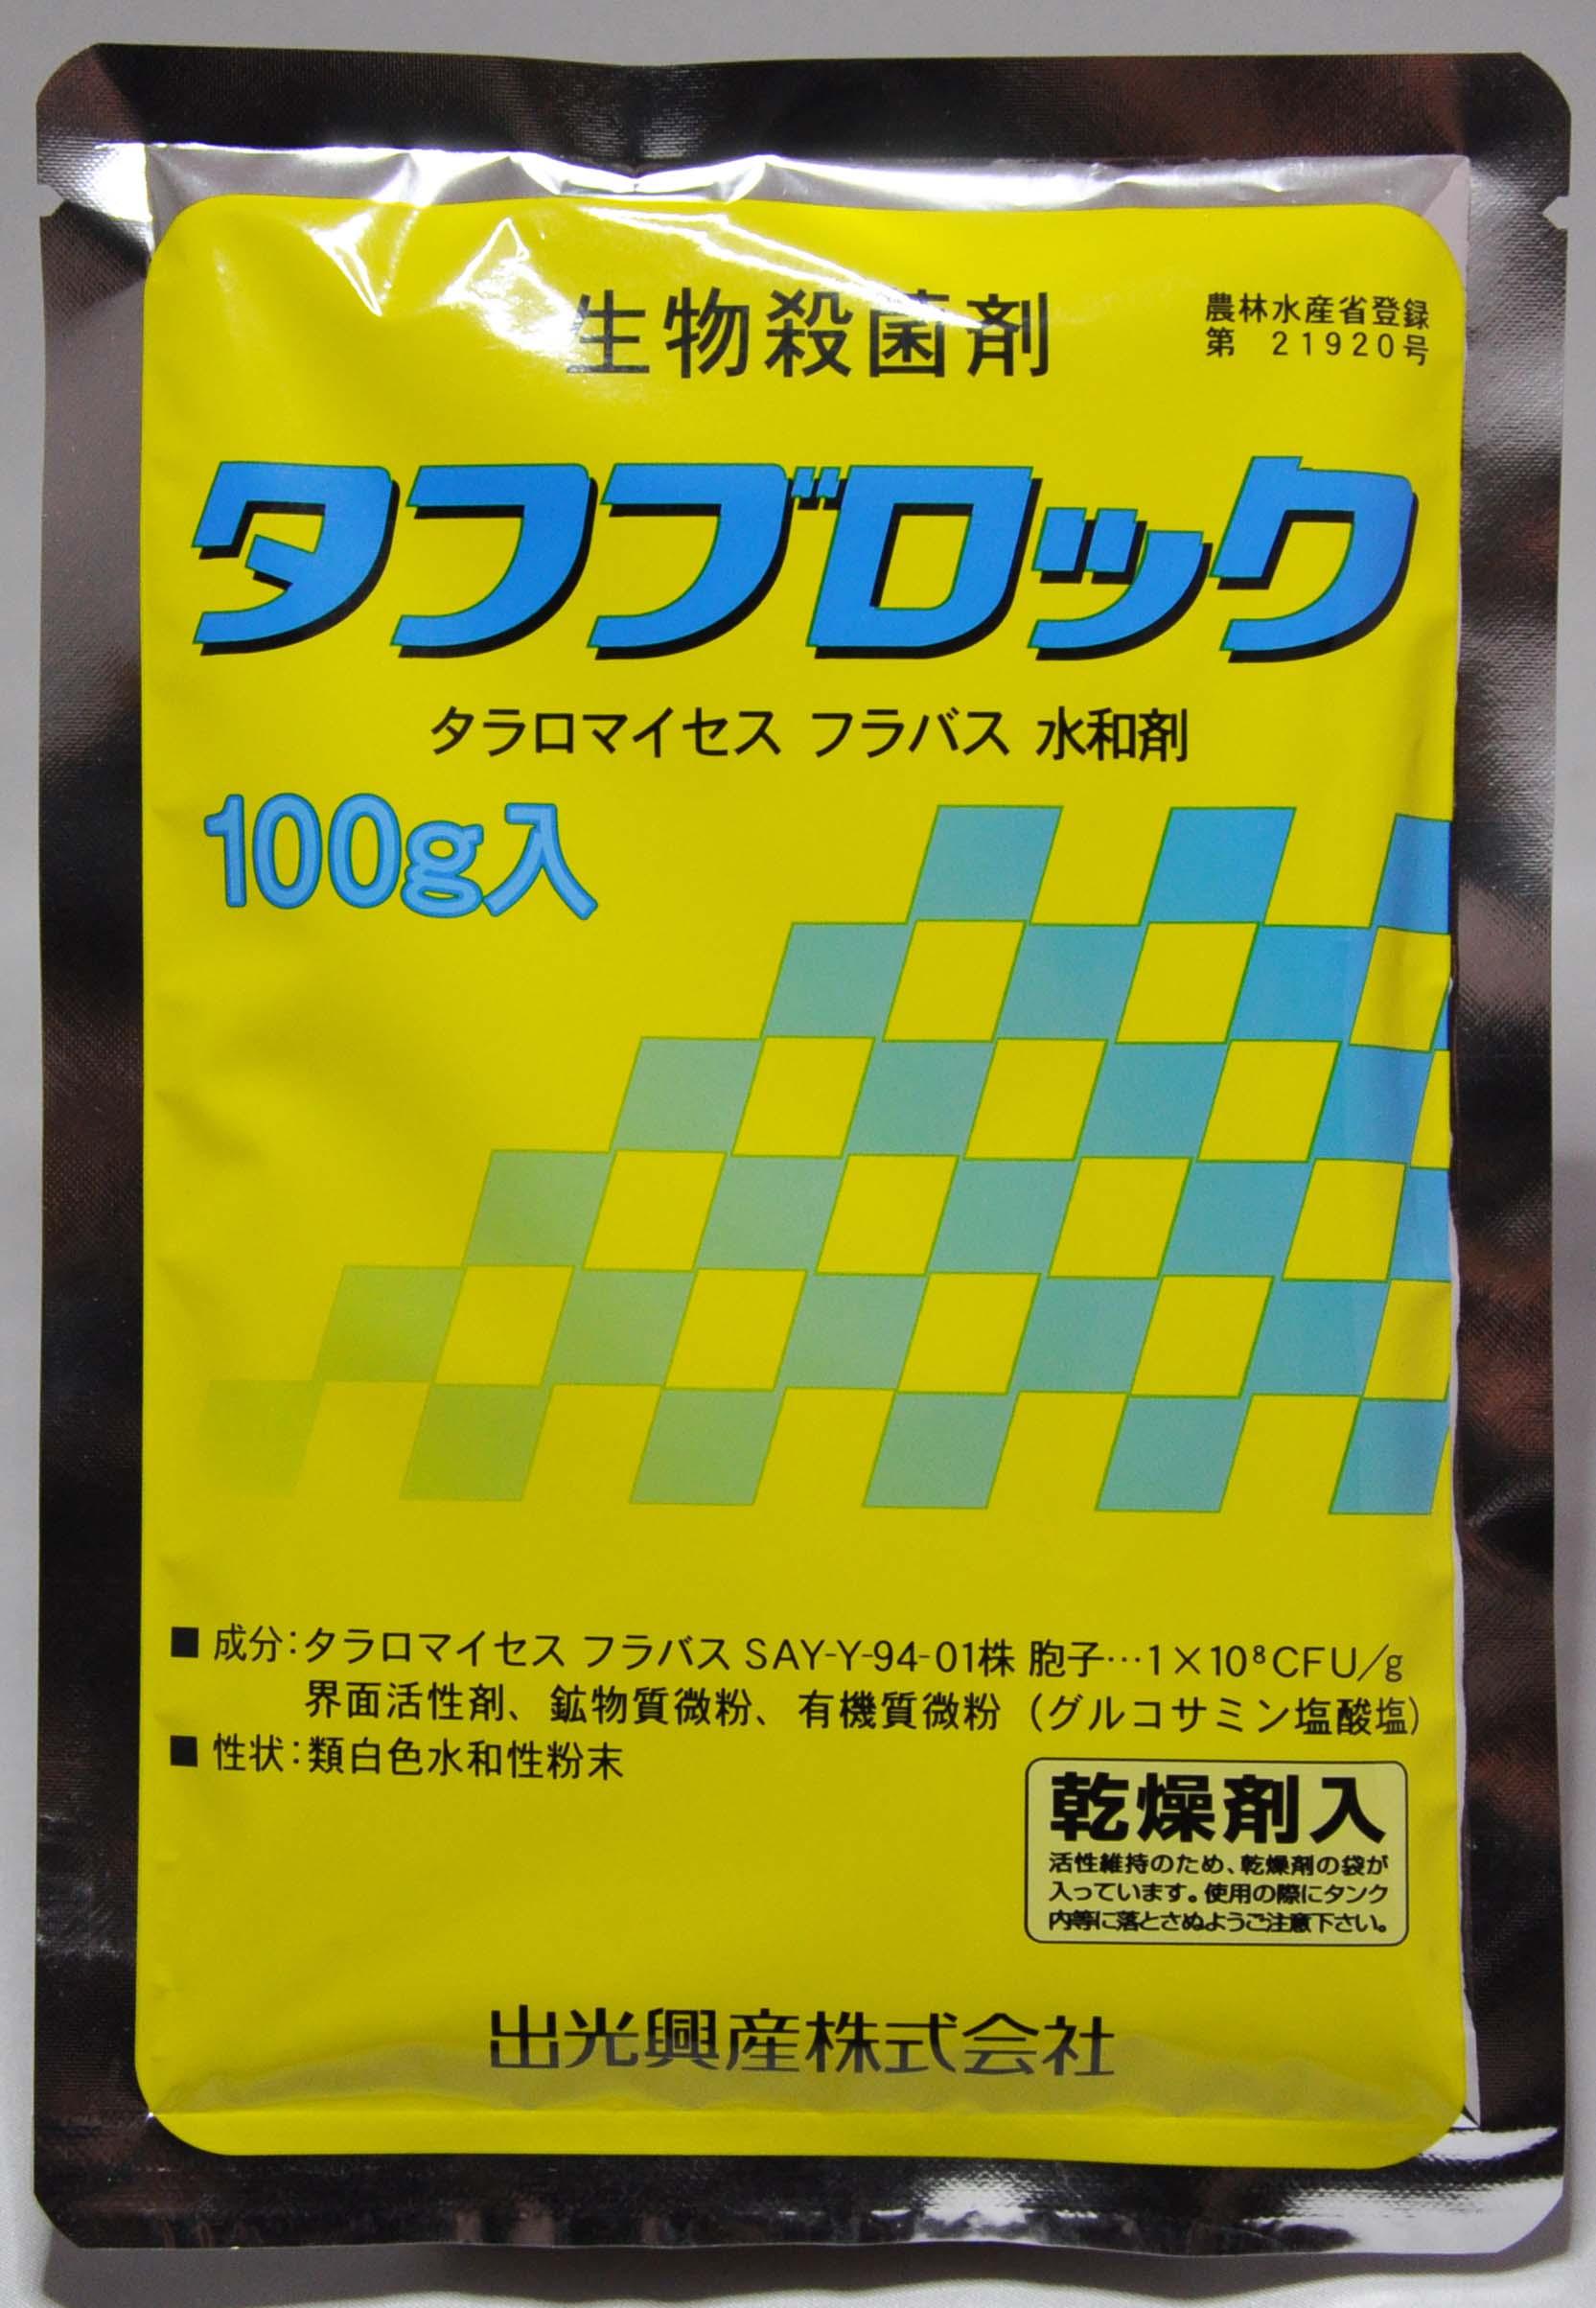 水稲種子消毒用の生物殺菌剤「タフブロック」100g